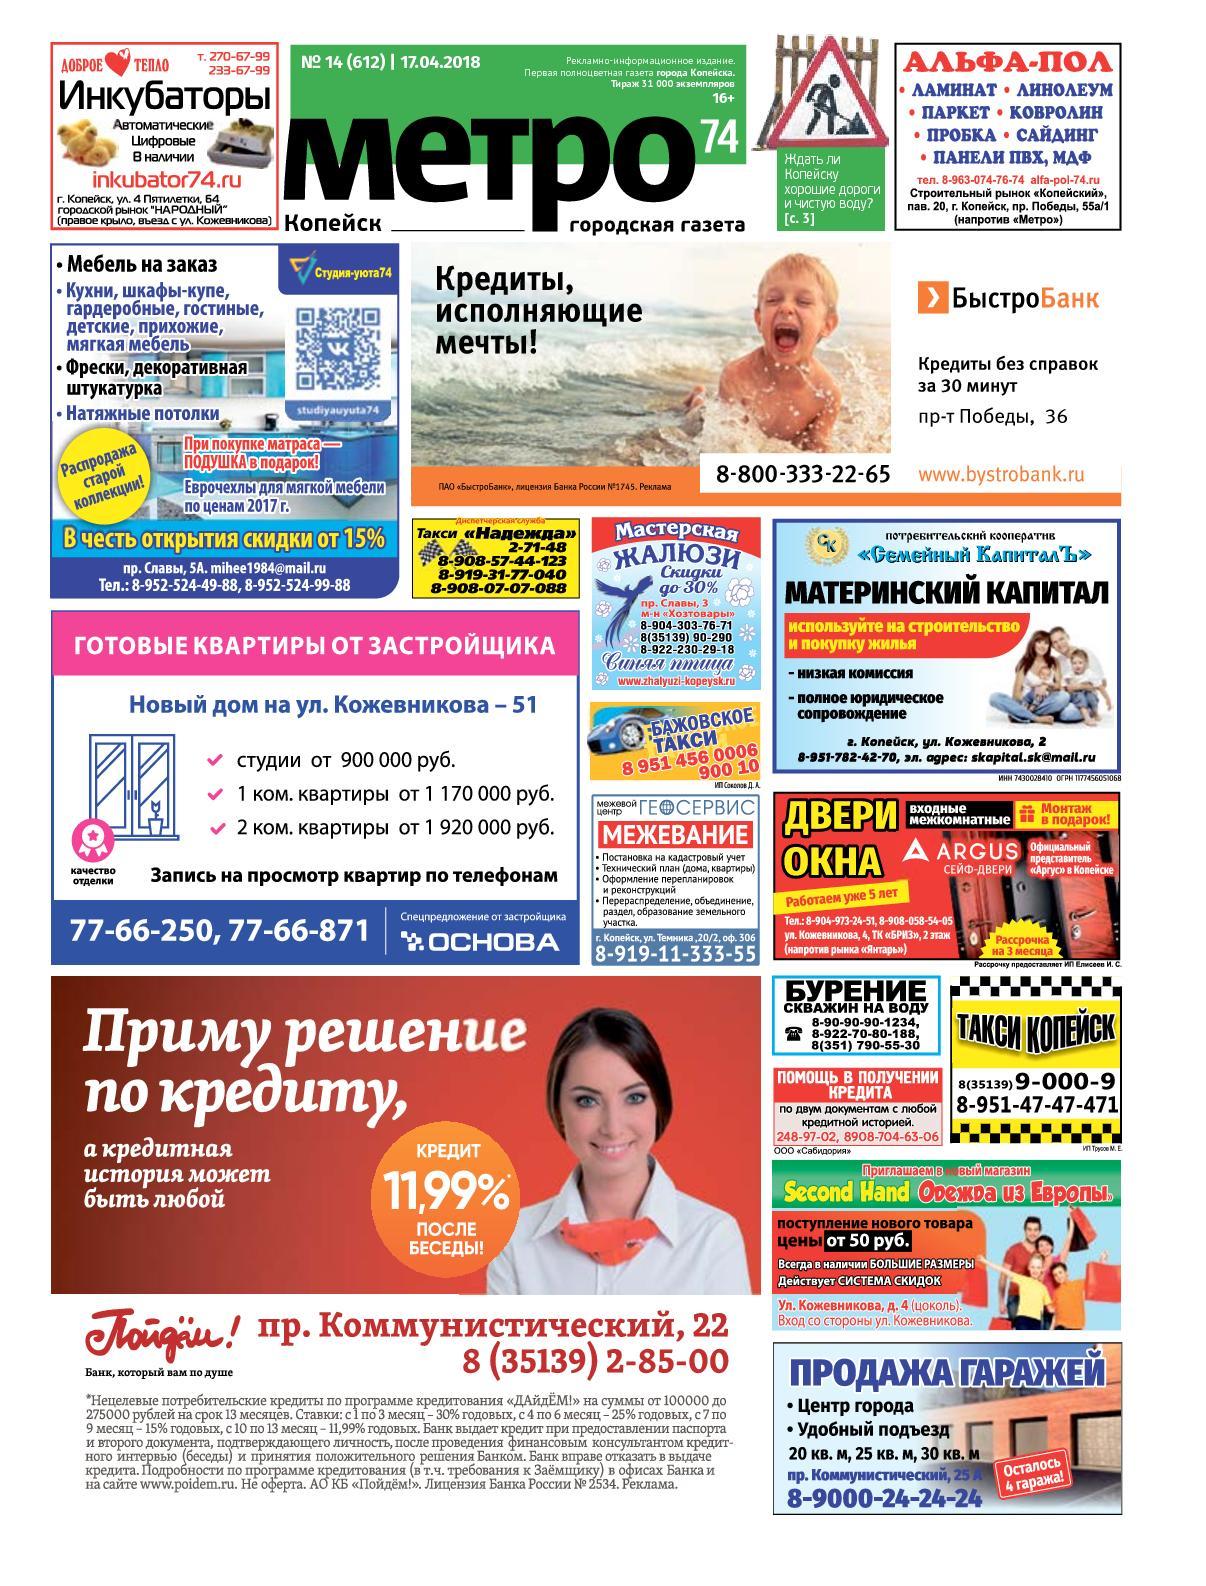 Авиабилеты омск санкт петербург купить